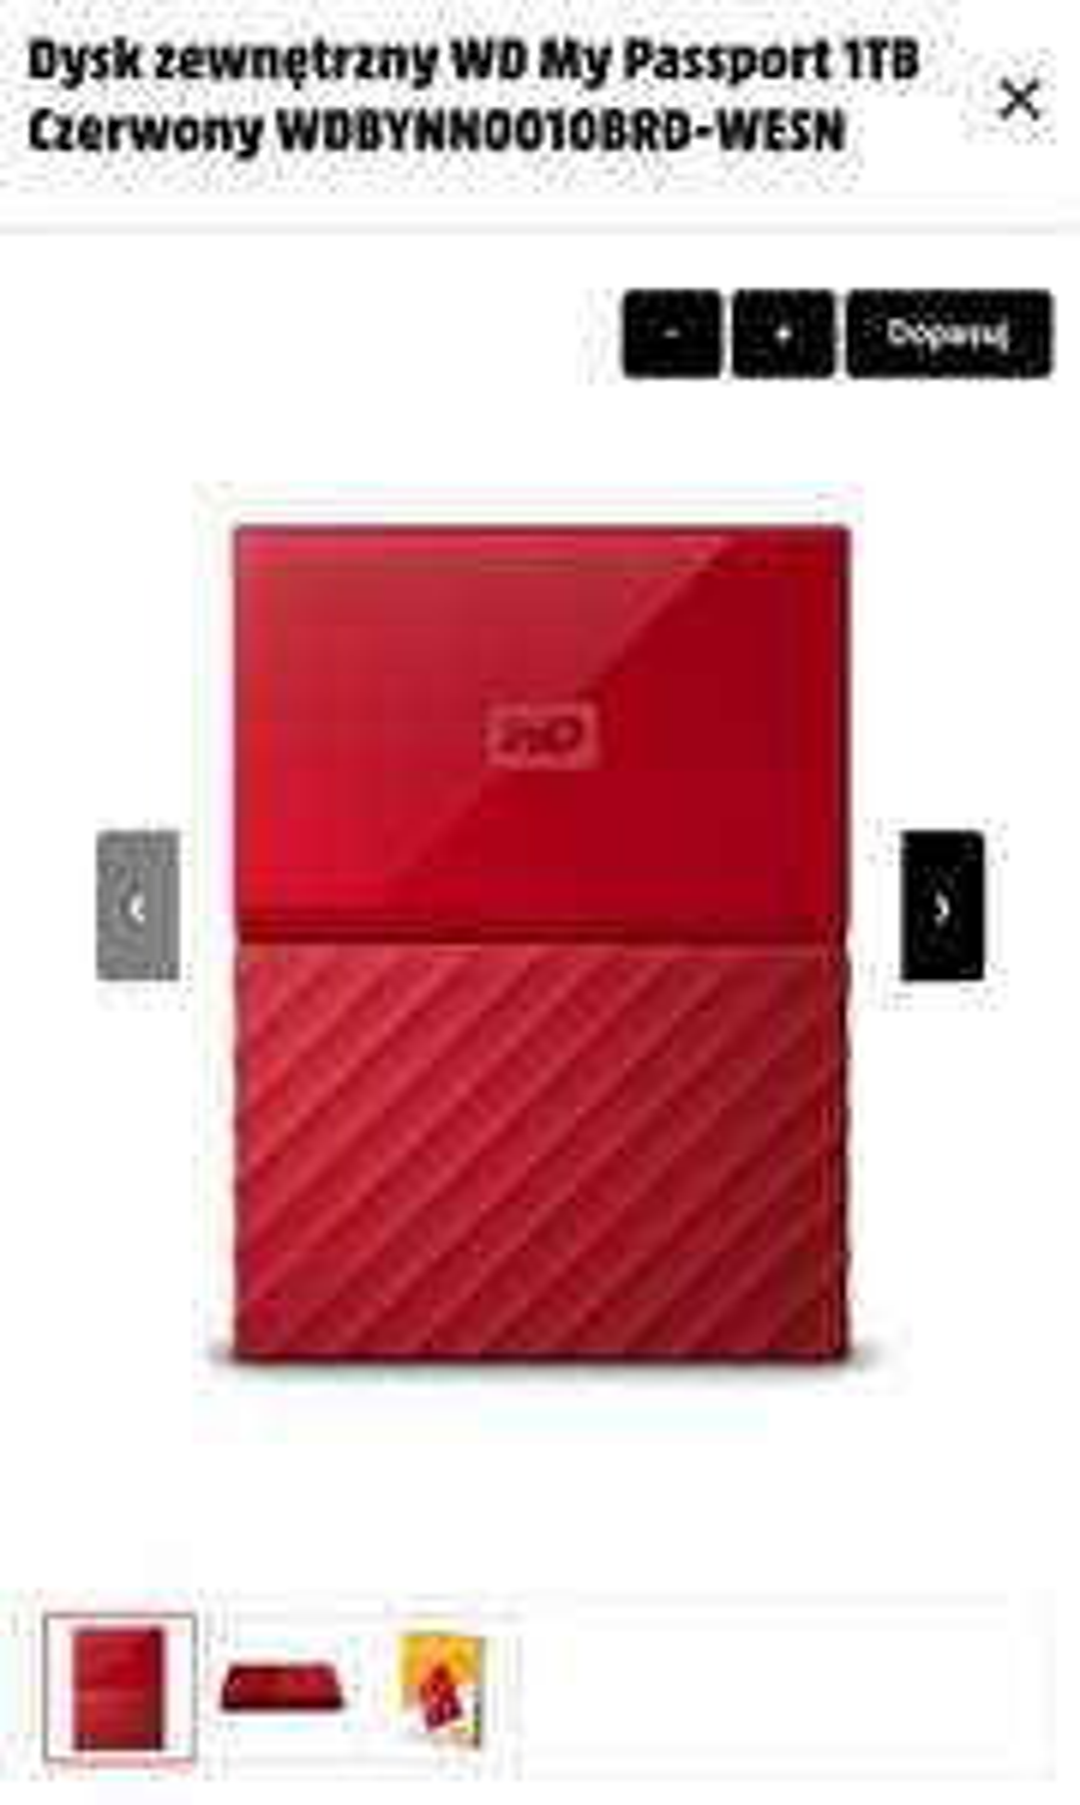 Dysk zewnętrzny WD My Passport 1TB USB 3.0 ( dostępne też czerwony kolor )